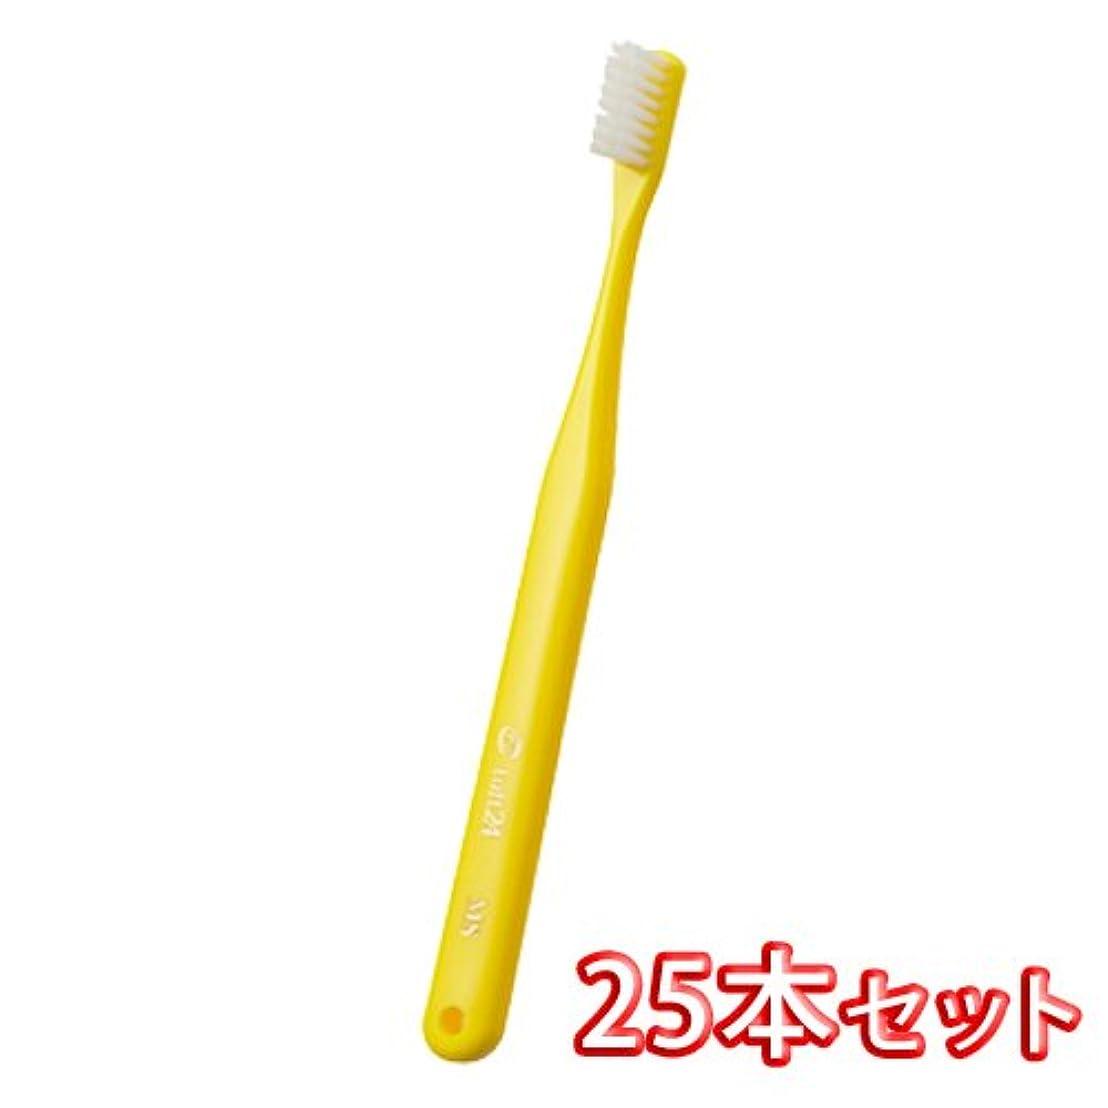 チョップチャンスパントリーオーラルケア キャップ付き タフト 24歯ブラシ 25本入 ミディアム M (イエロー)